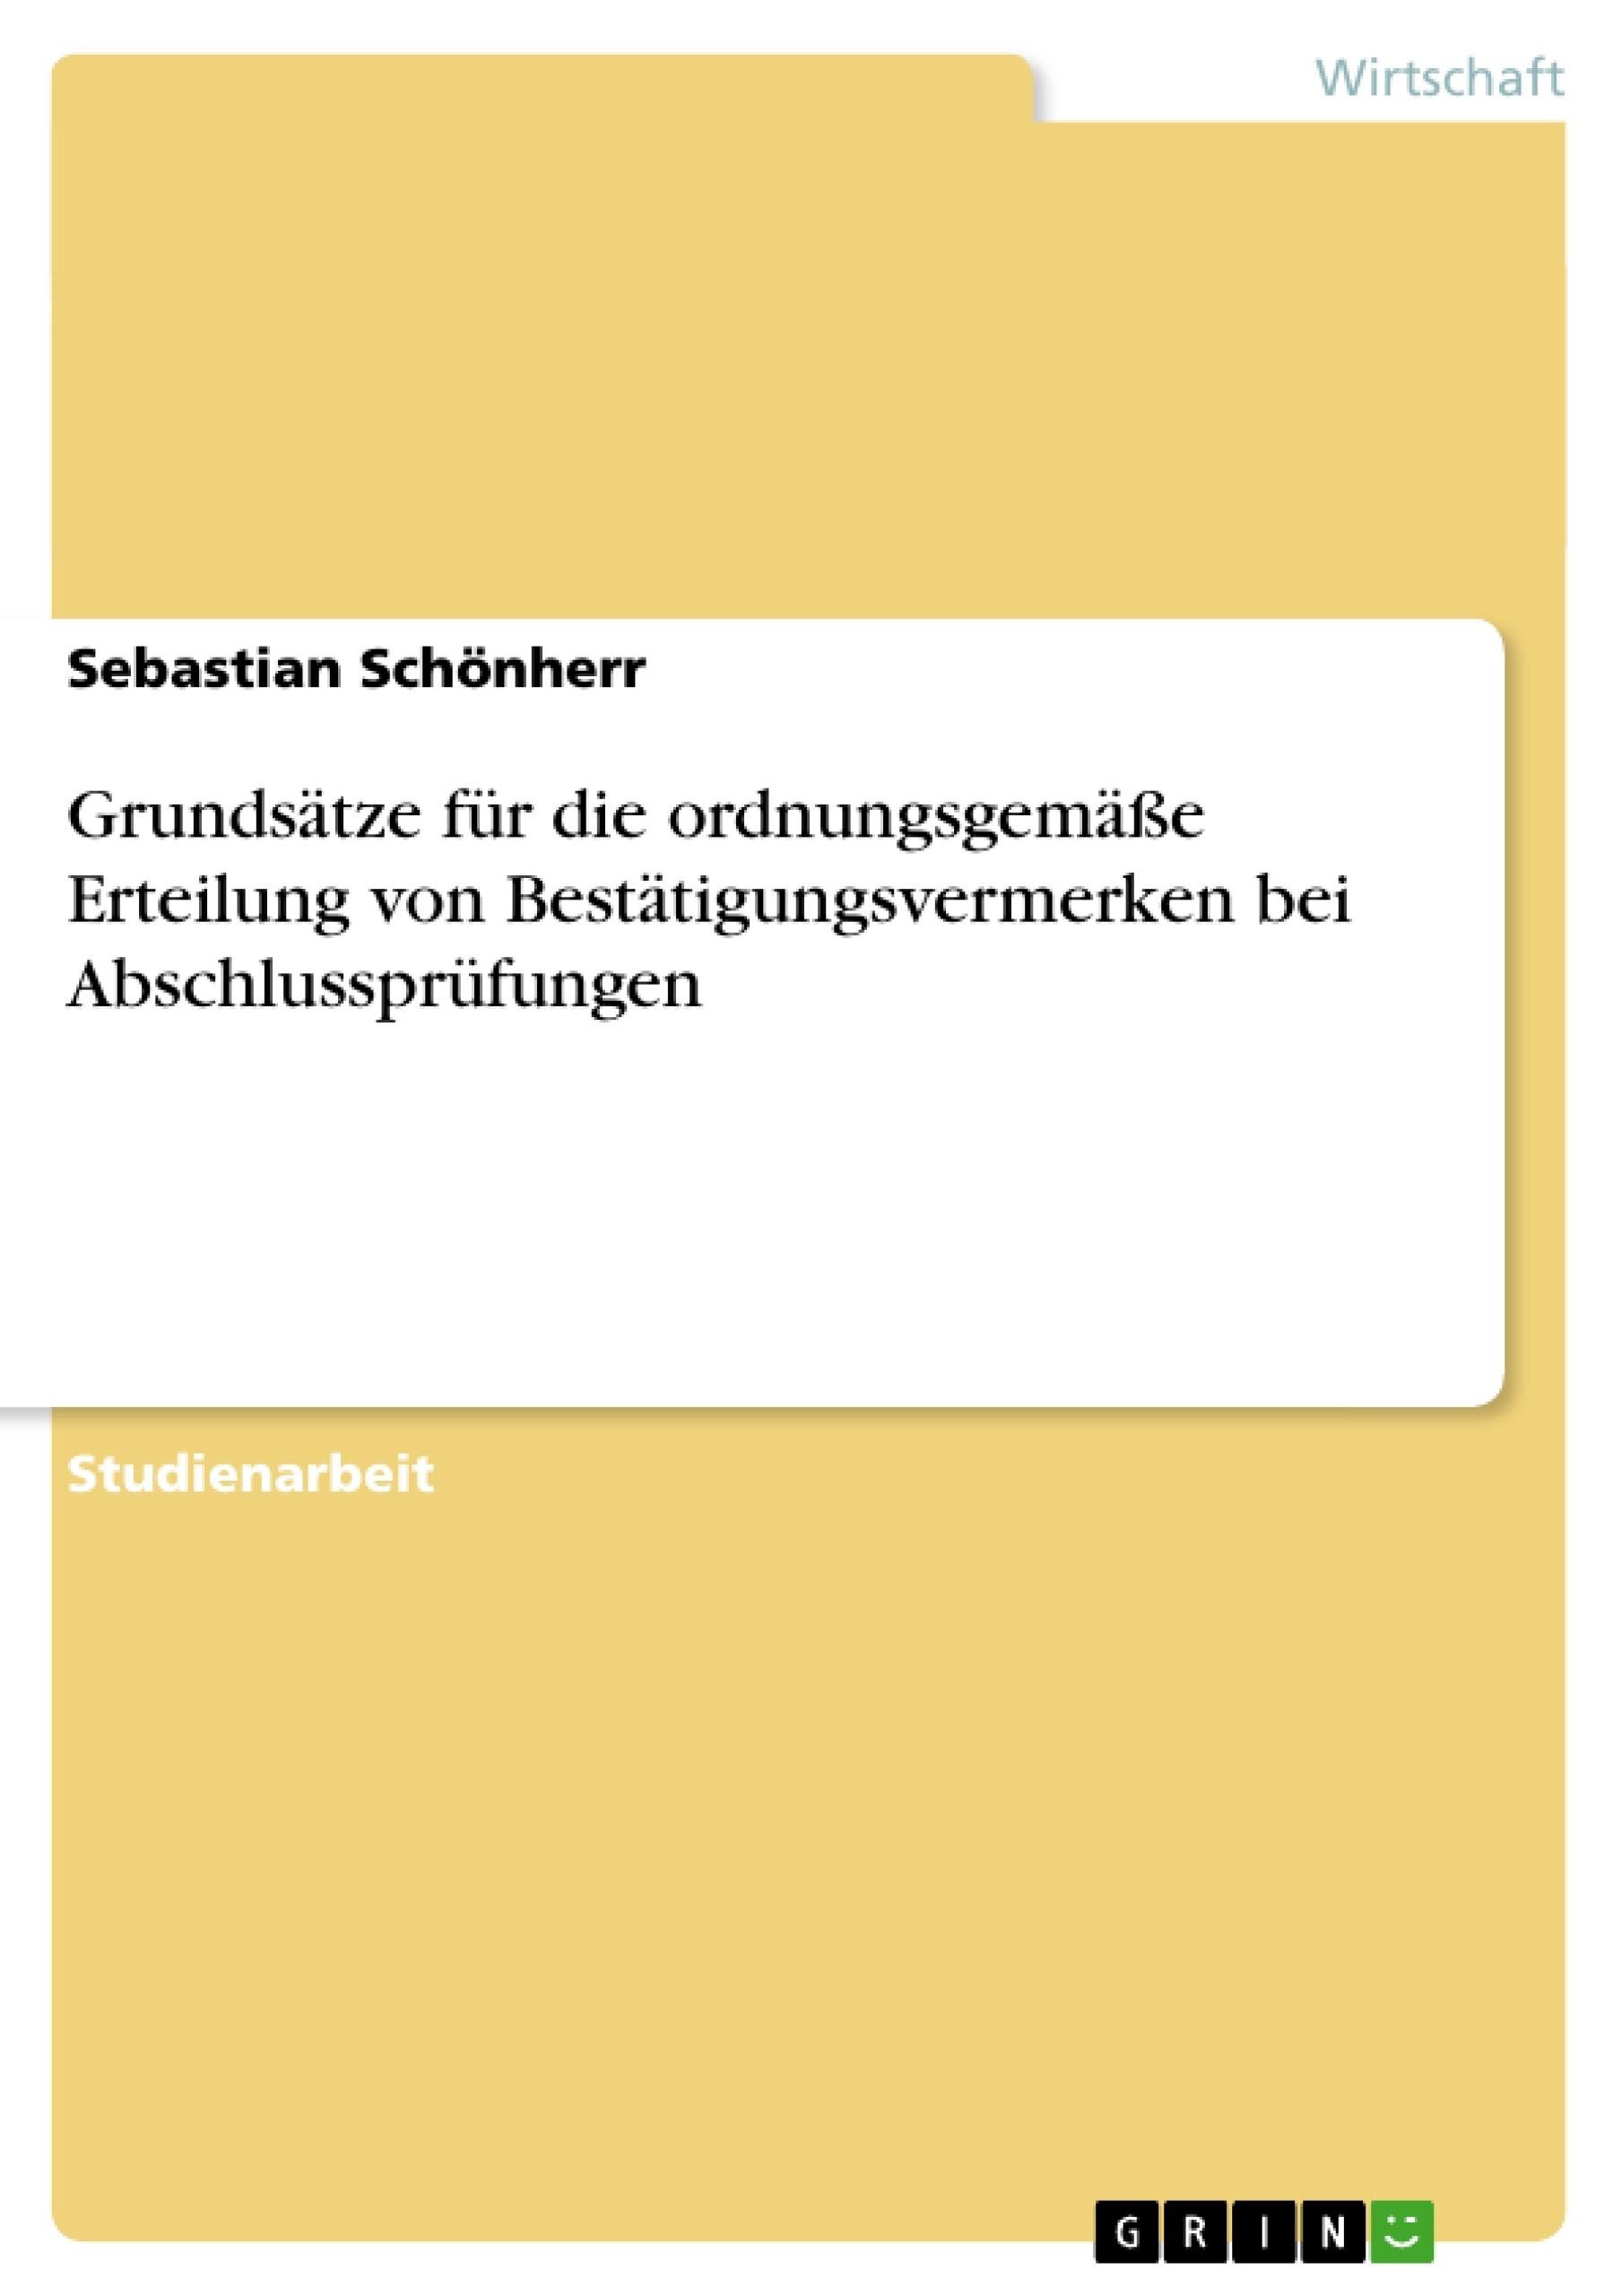 Titel: Grundsätze für die ordnungsgemäße Erteilung von Bestätigungsvermerken bei Abschlussprüfungen